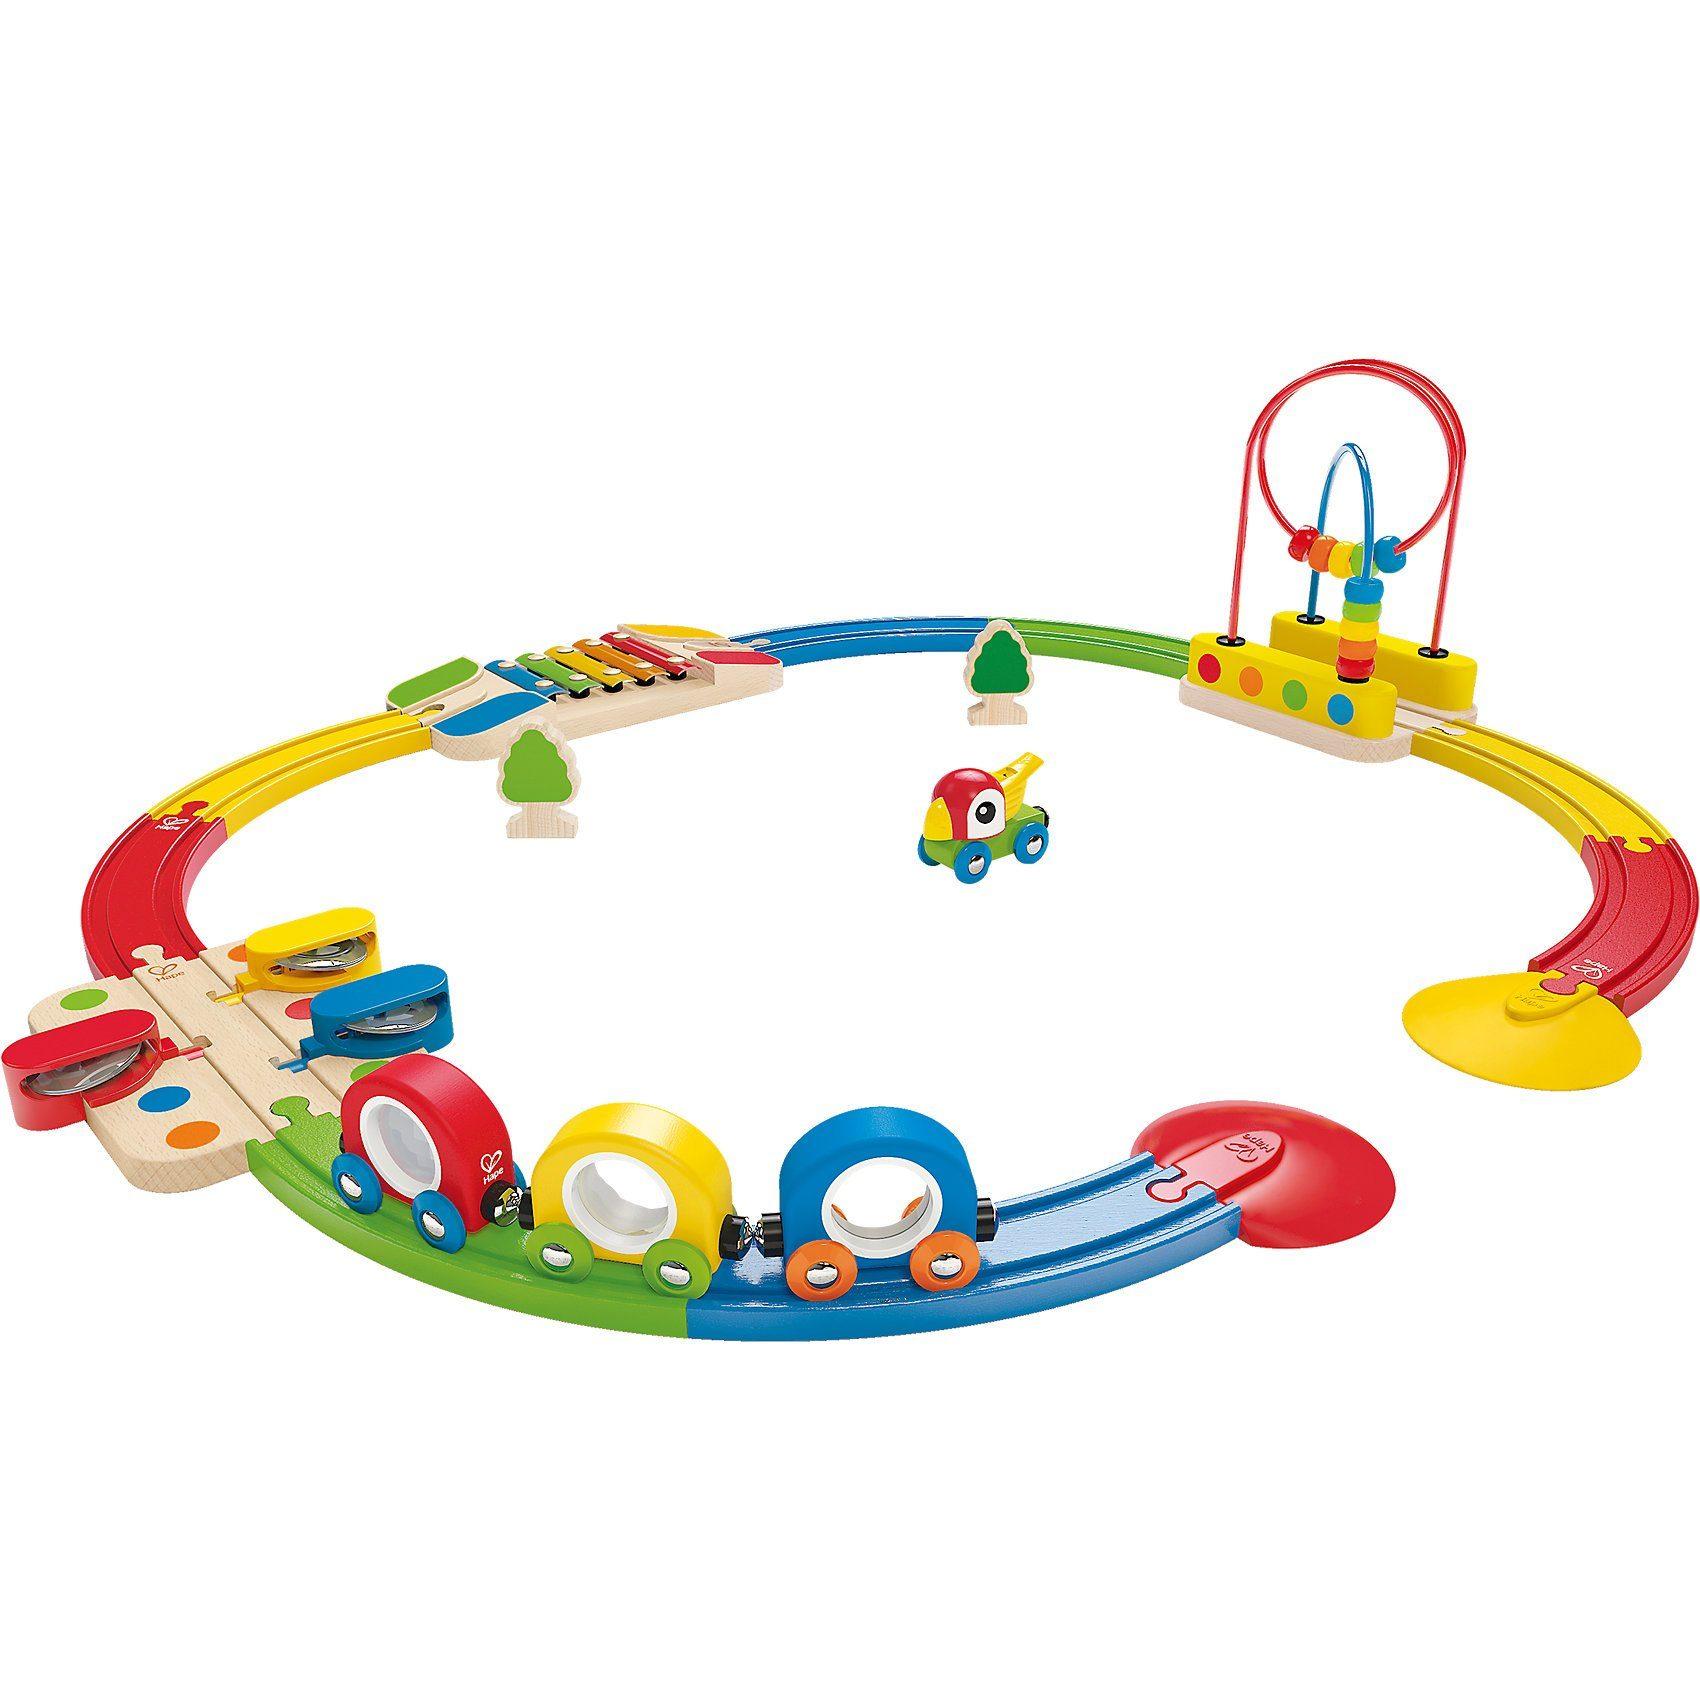 HAPE Abenteuer Eisenbahn-Set mit Musikinstrumenten